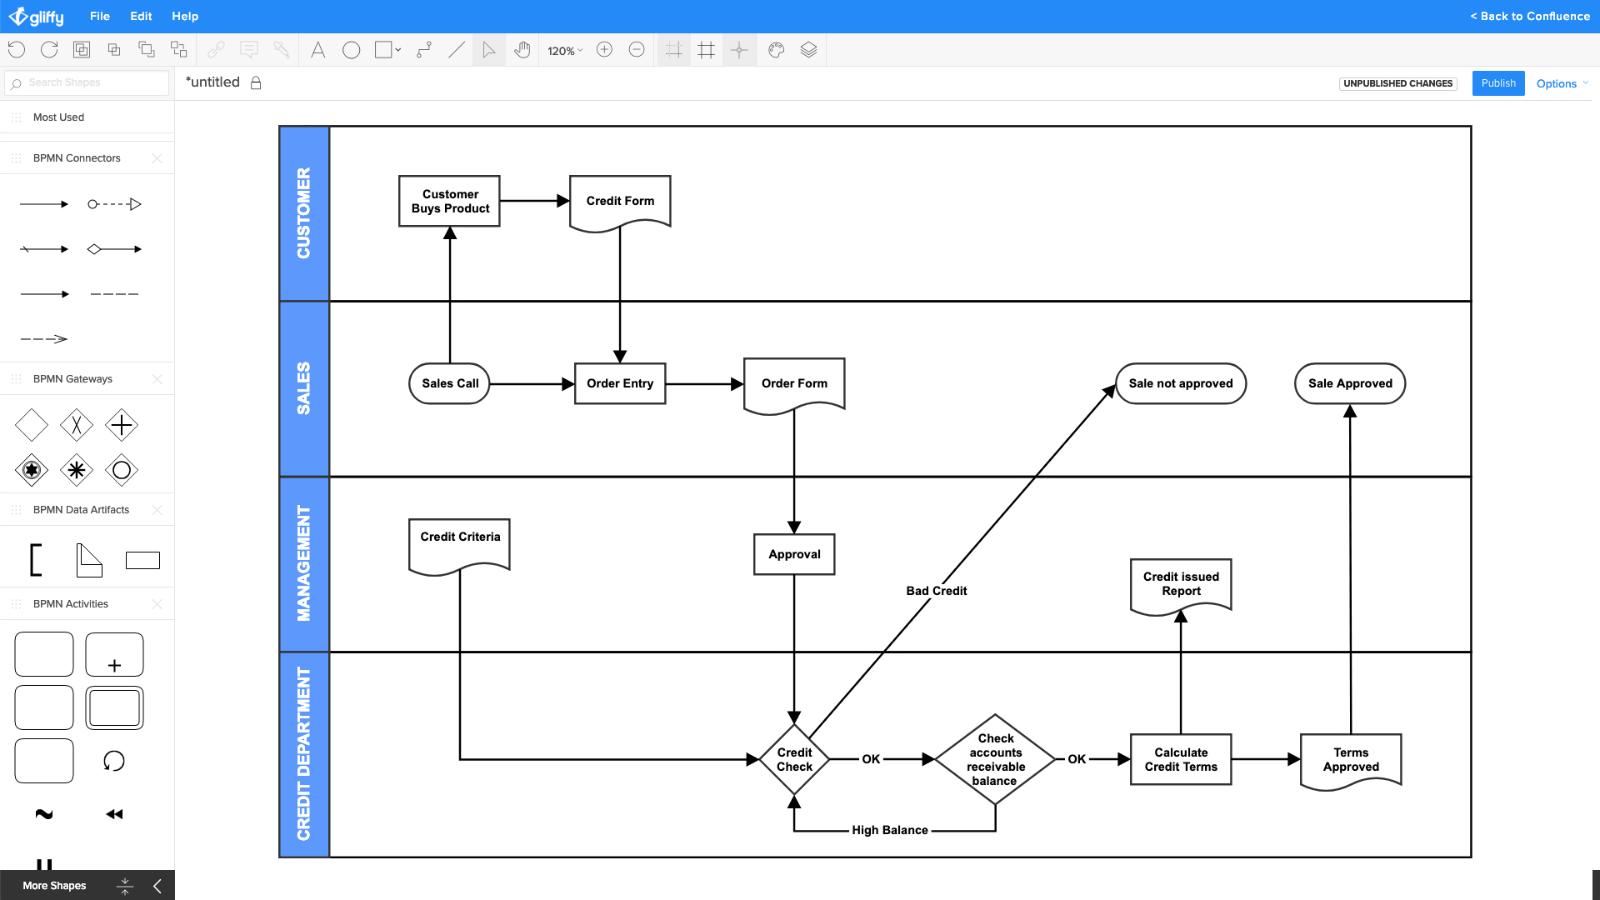 eCommerce トランザクション プロセス図のサンプル (Gliffy の厚意により掲載)